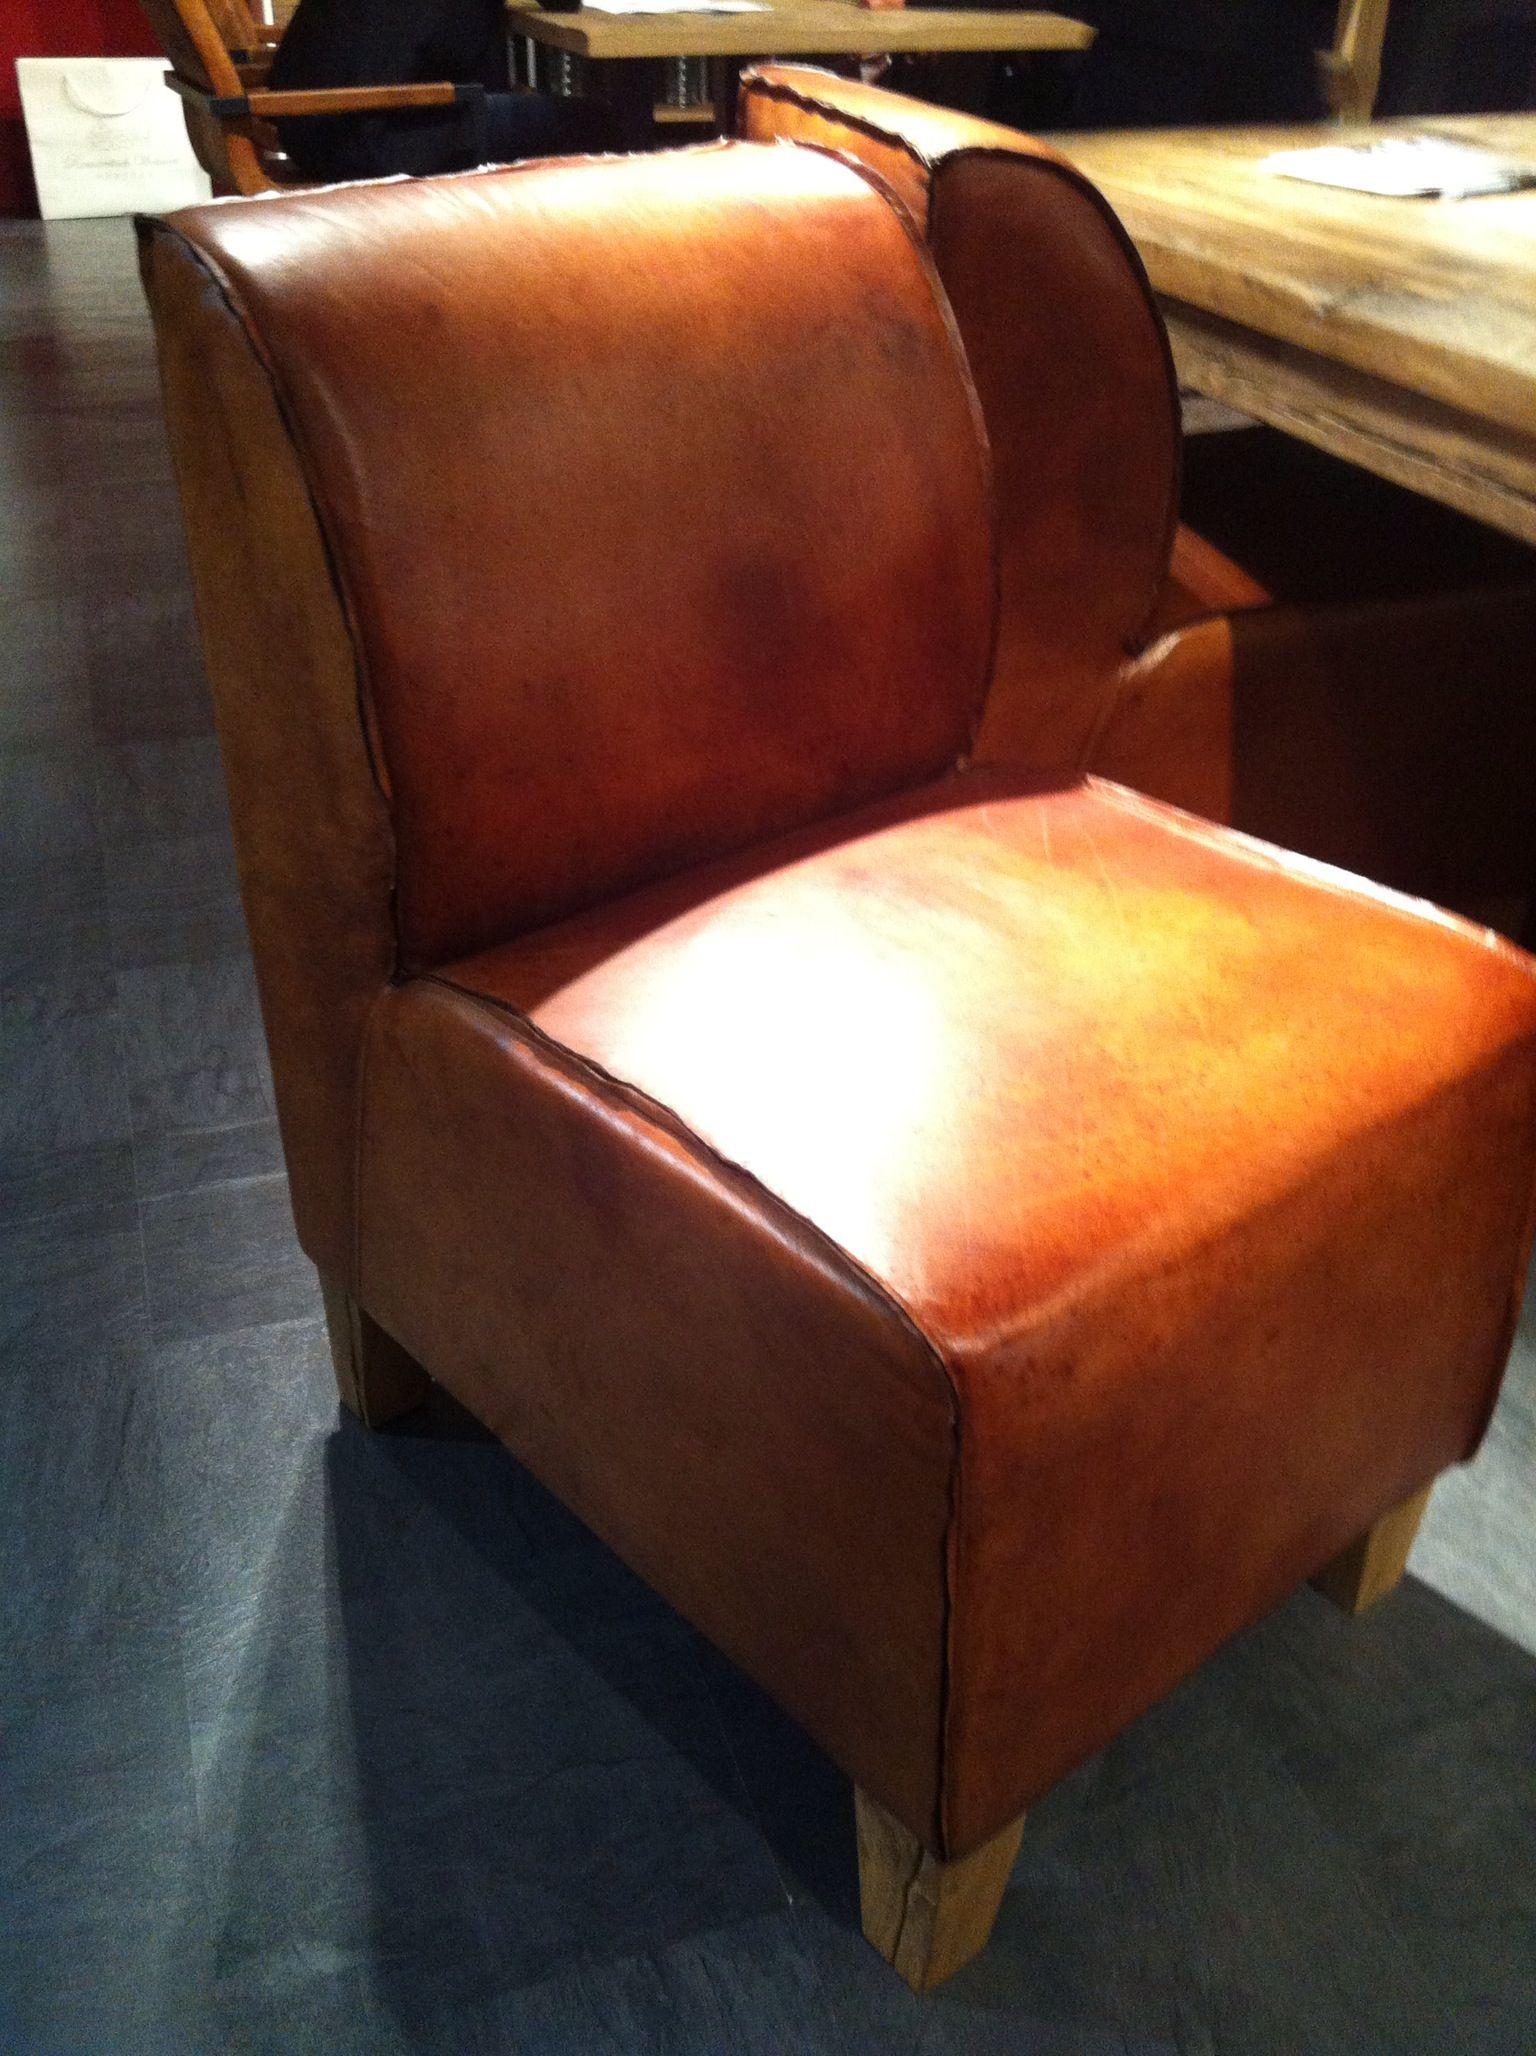 Vintage Stuhlsessel aus Leder. Perfekt am Esstisch und fürs Esszimmer.  Ein Must have!